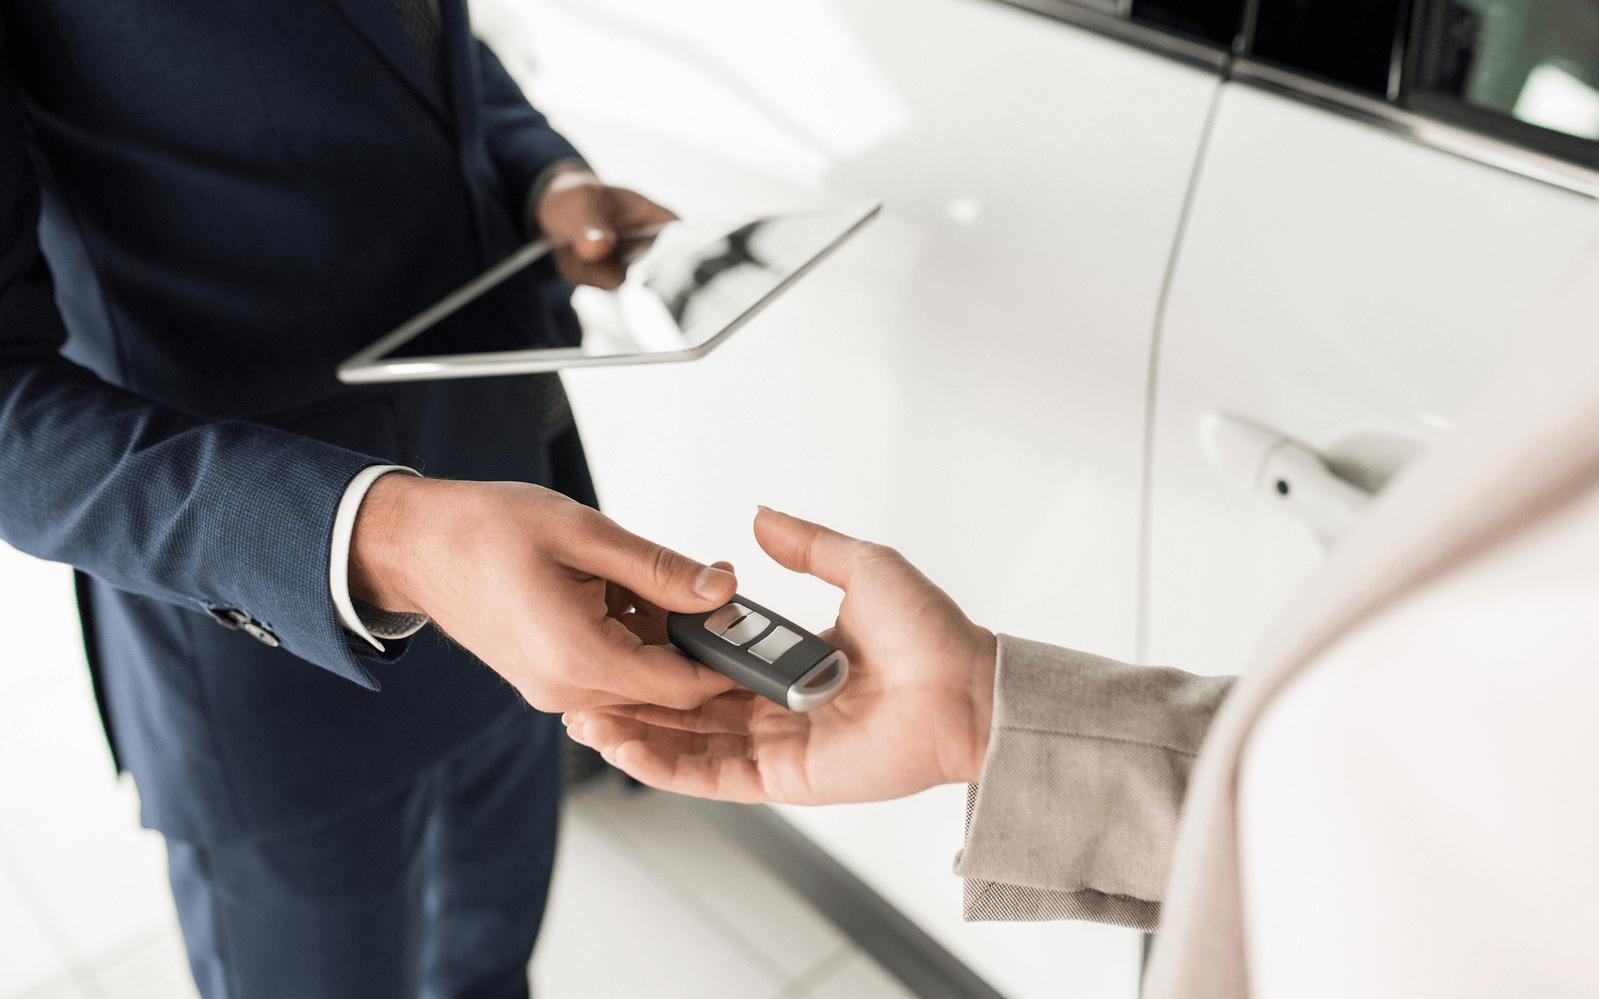 Handing over keys to new owner